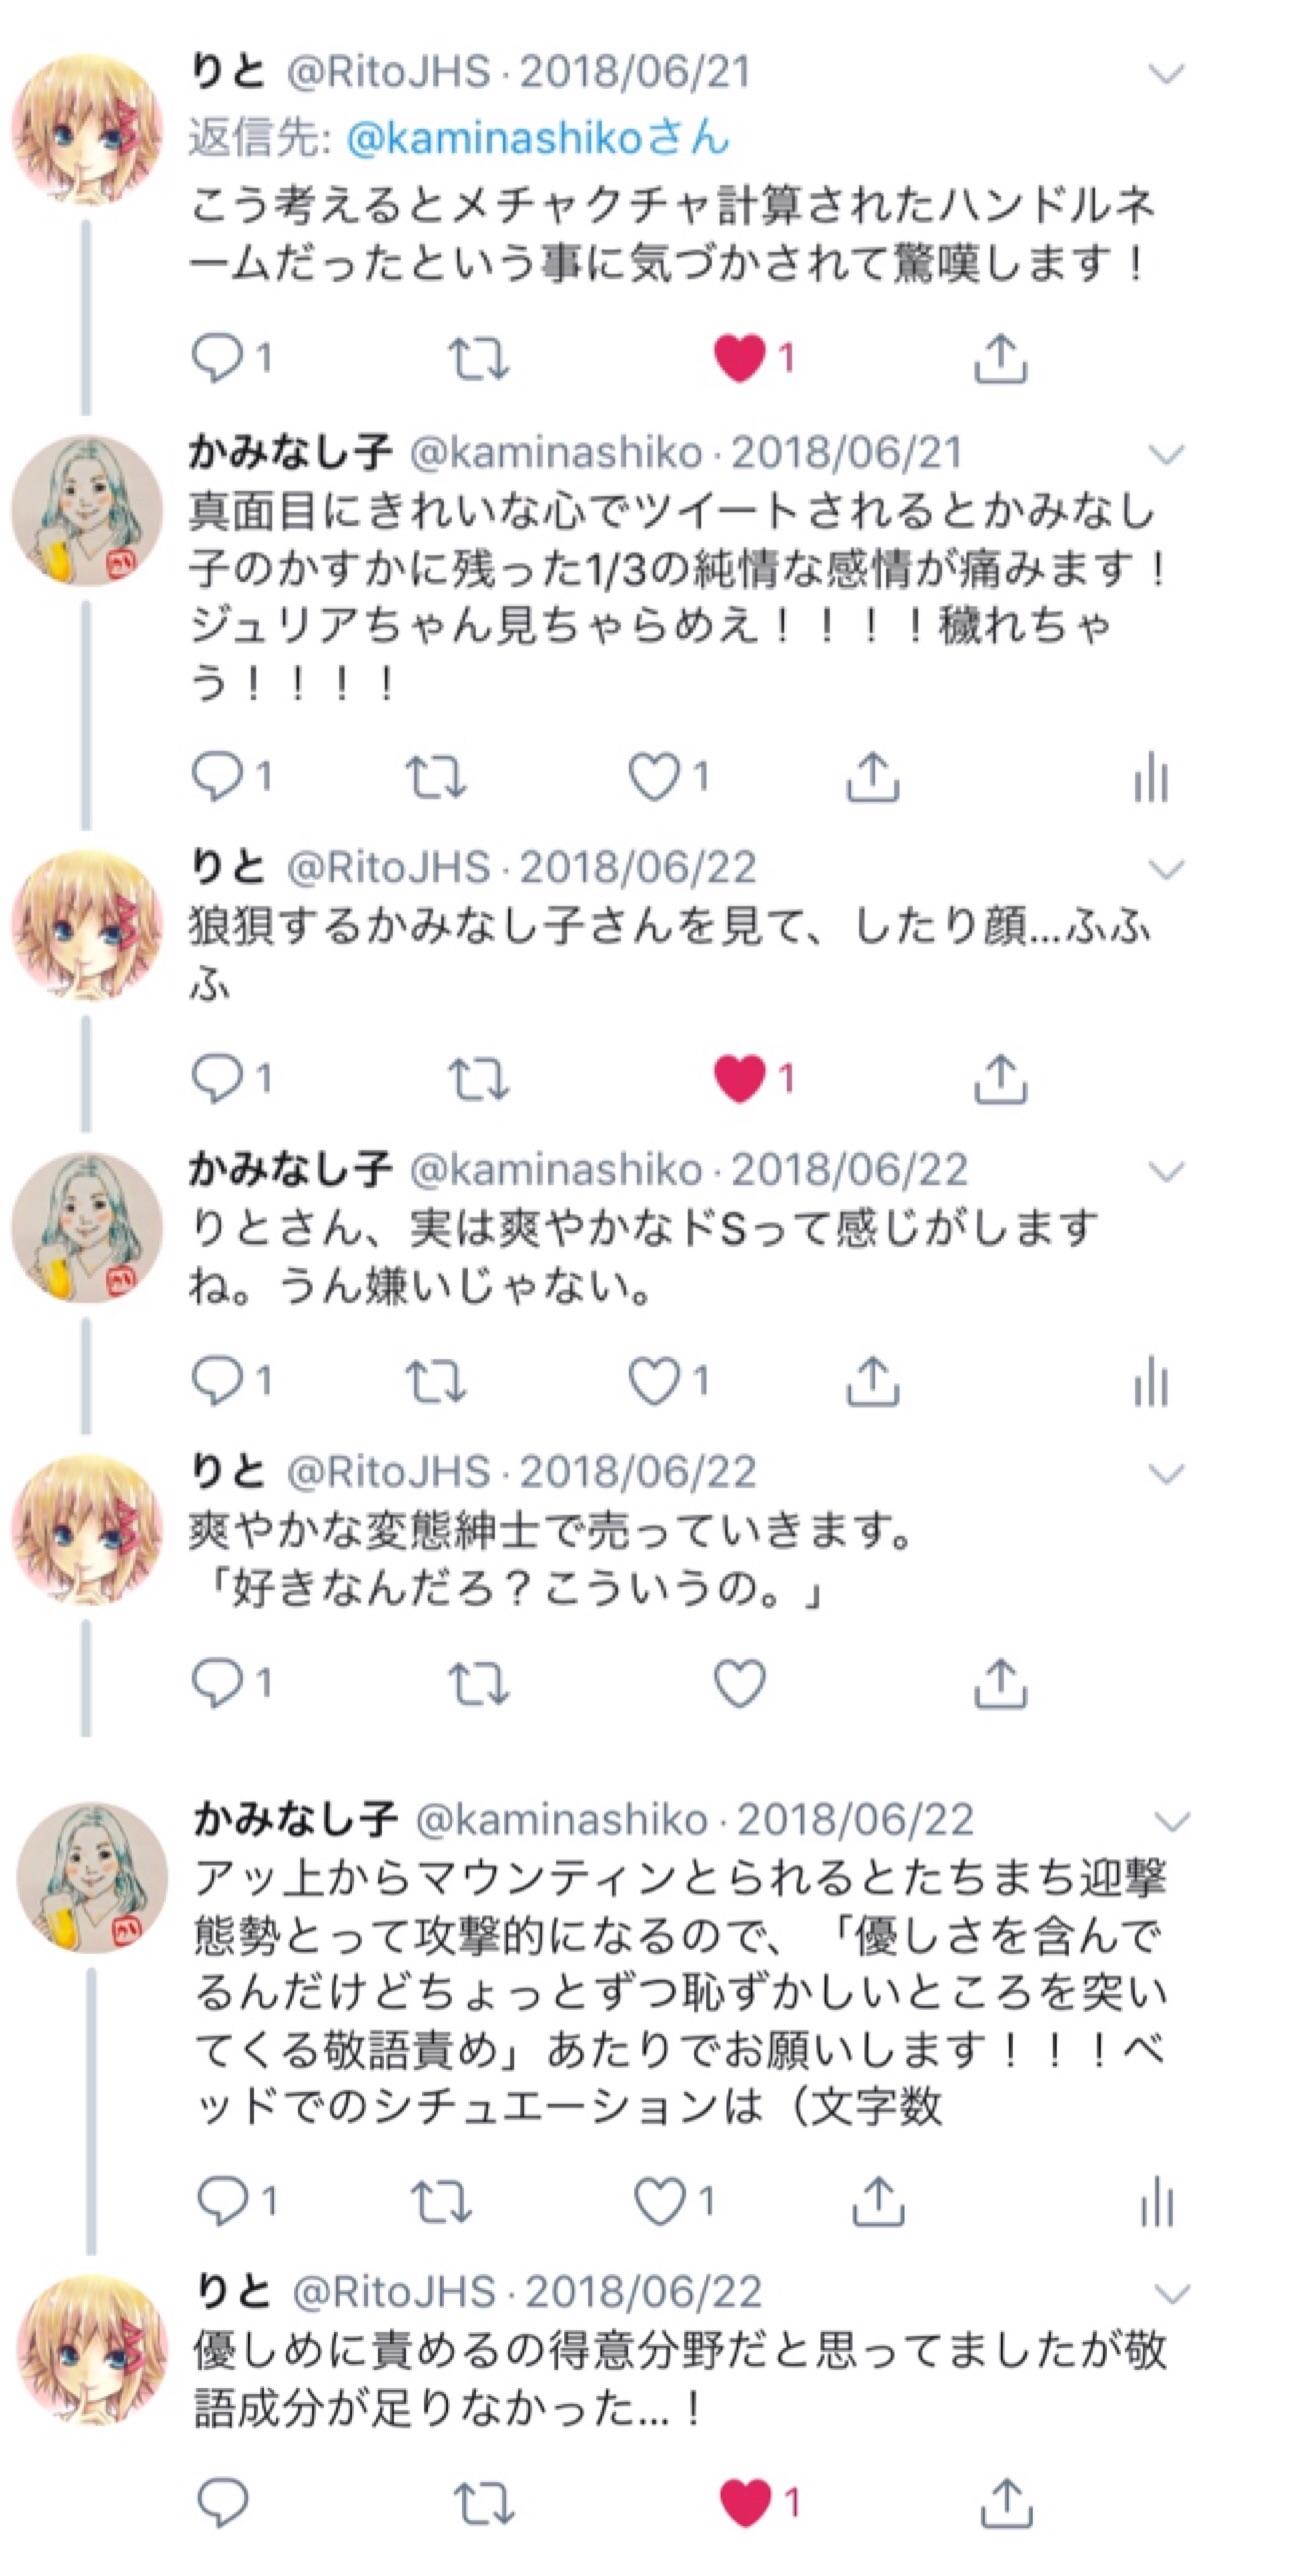 f:id:kaminashiko:20180716131204j:plain